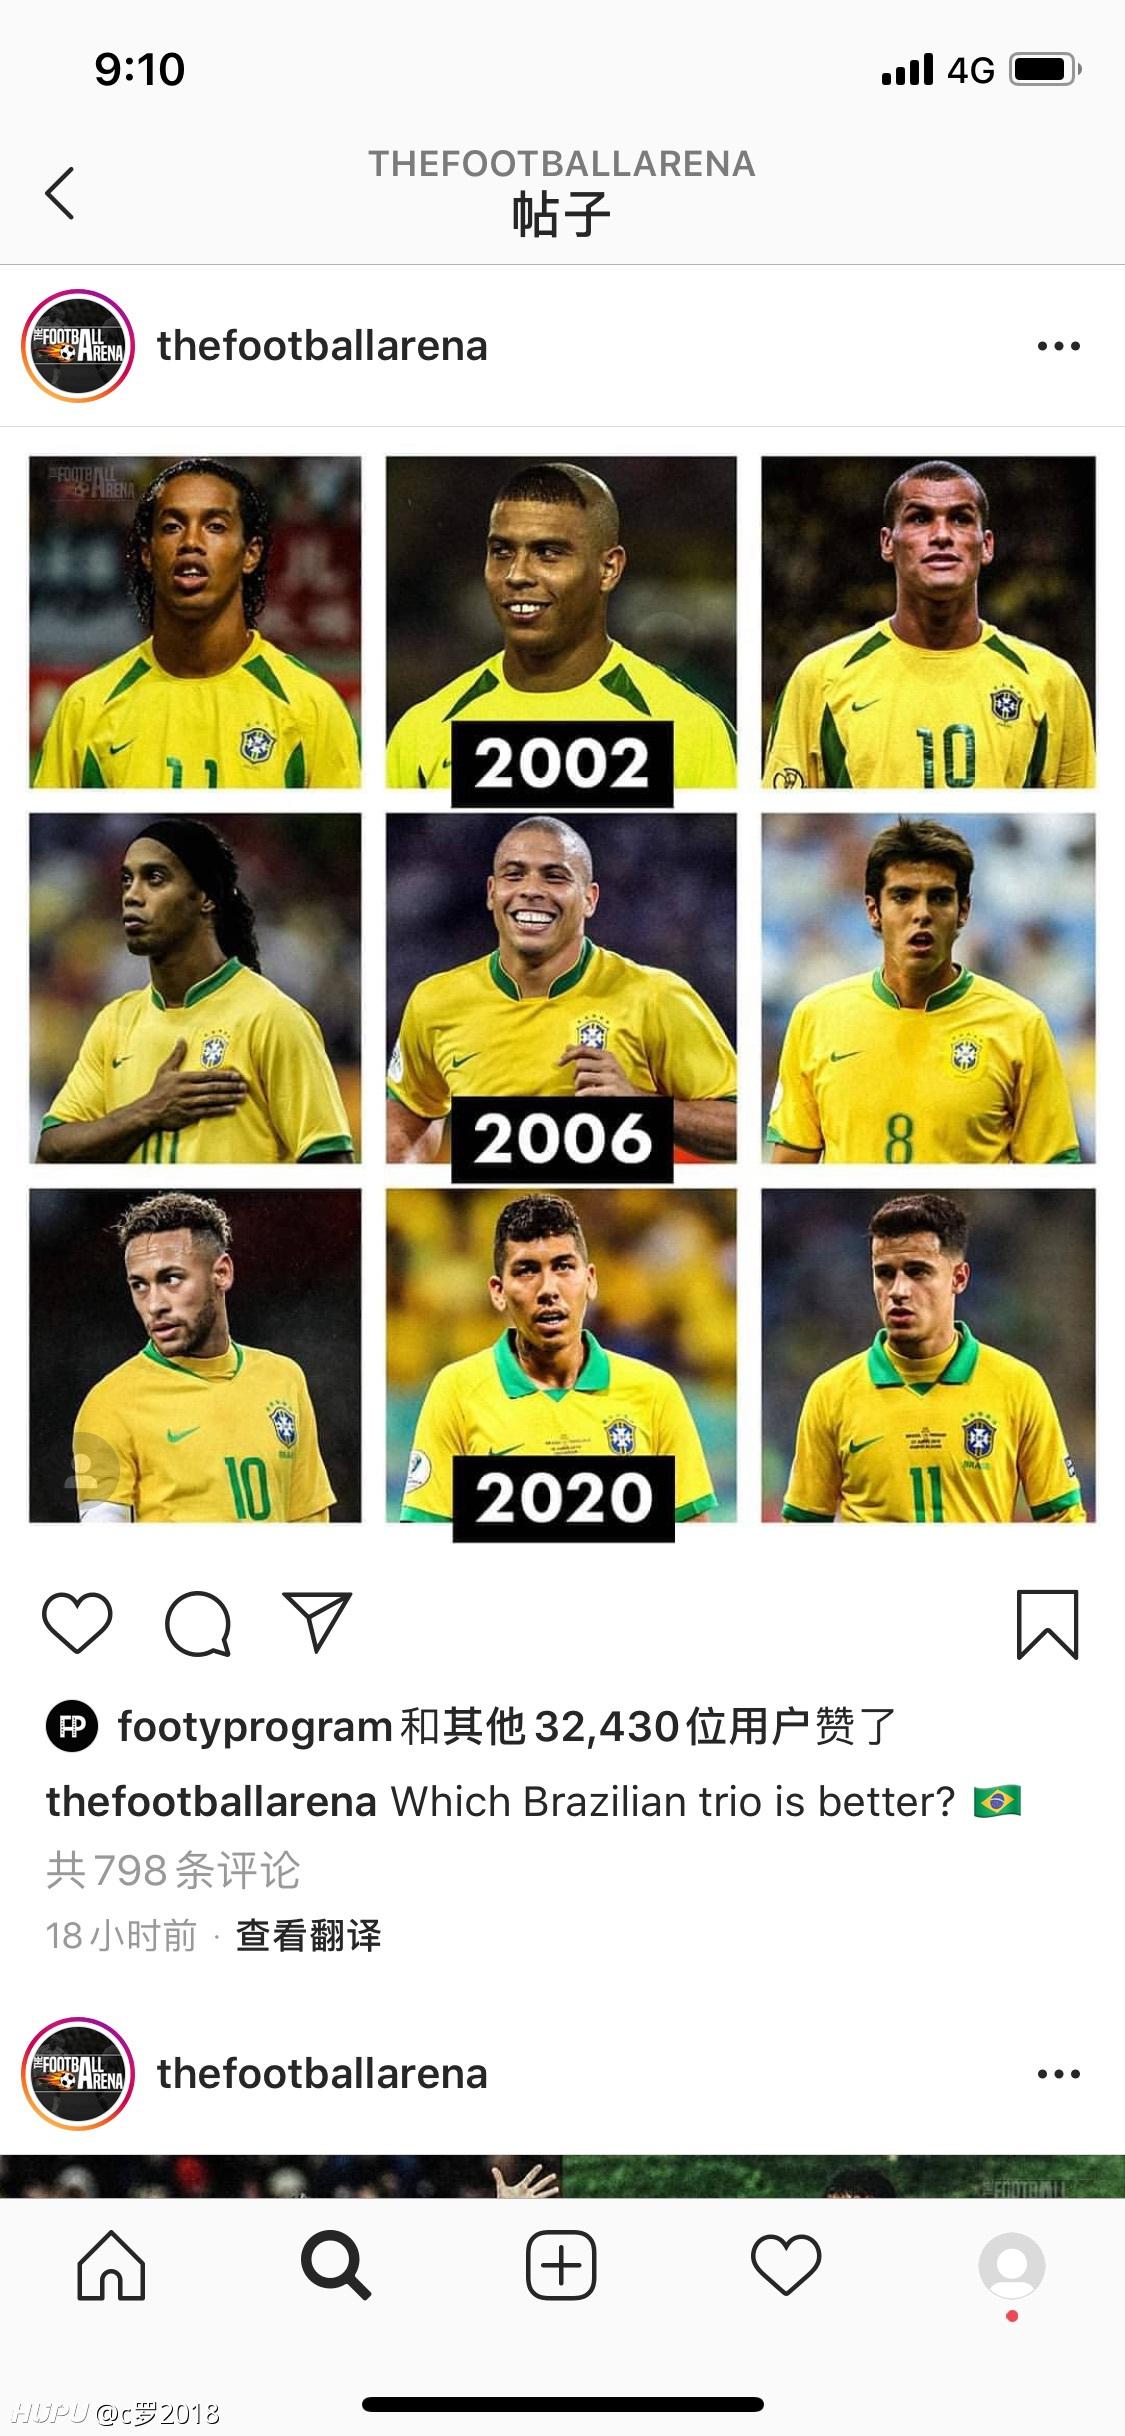 哪组巴西三叉戟最强?  足球话题区